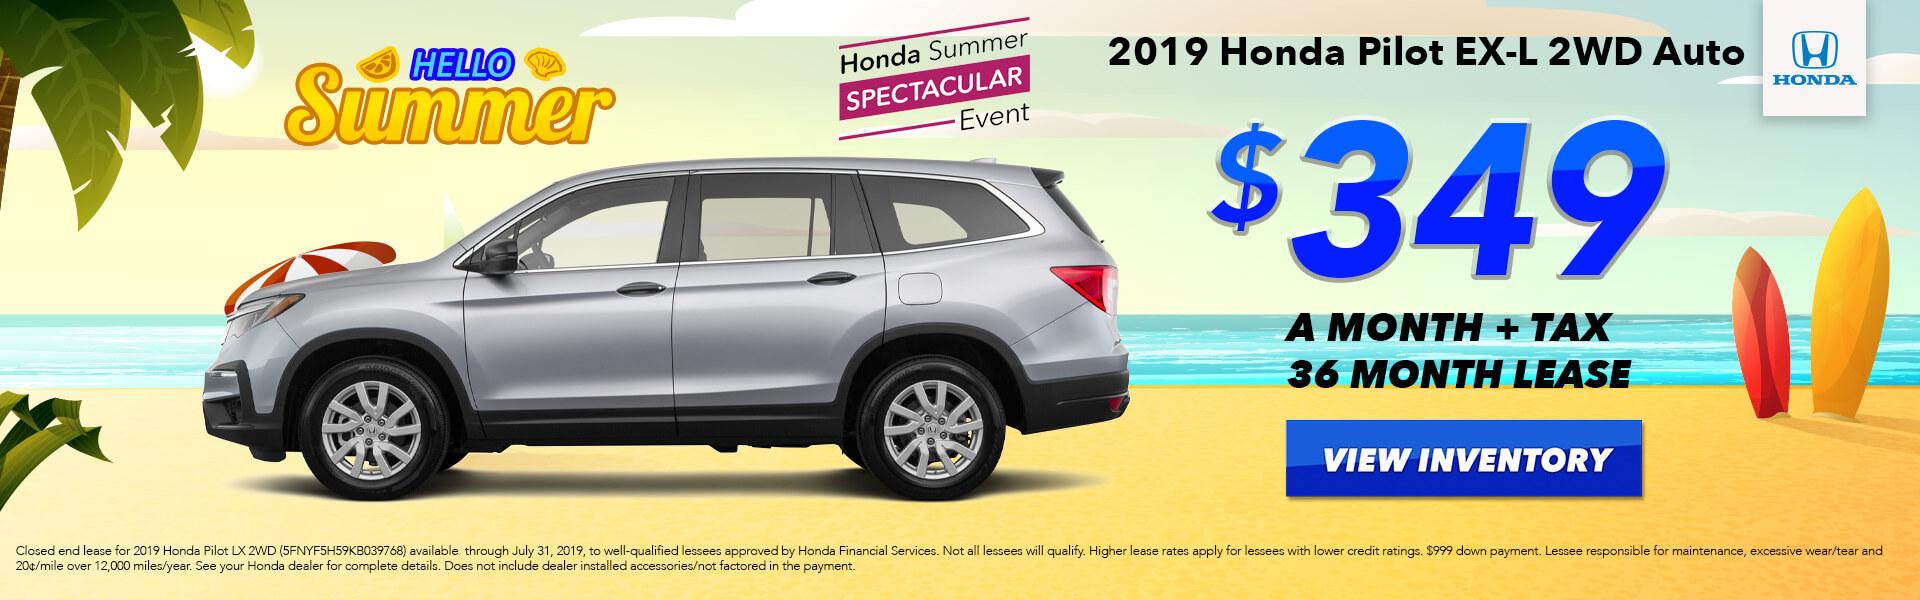 2019 Honda Pilot Lease for $349